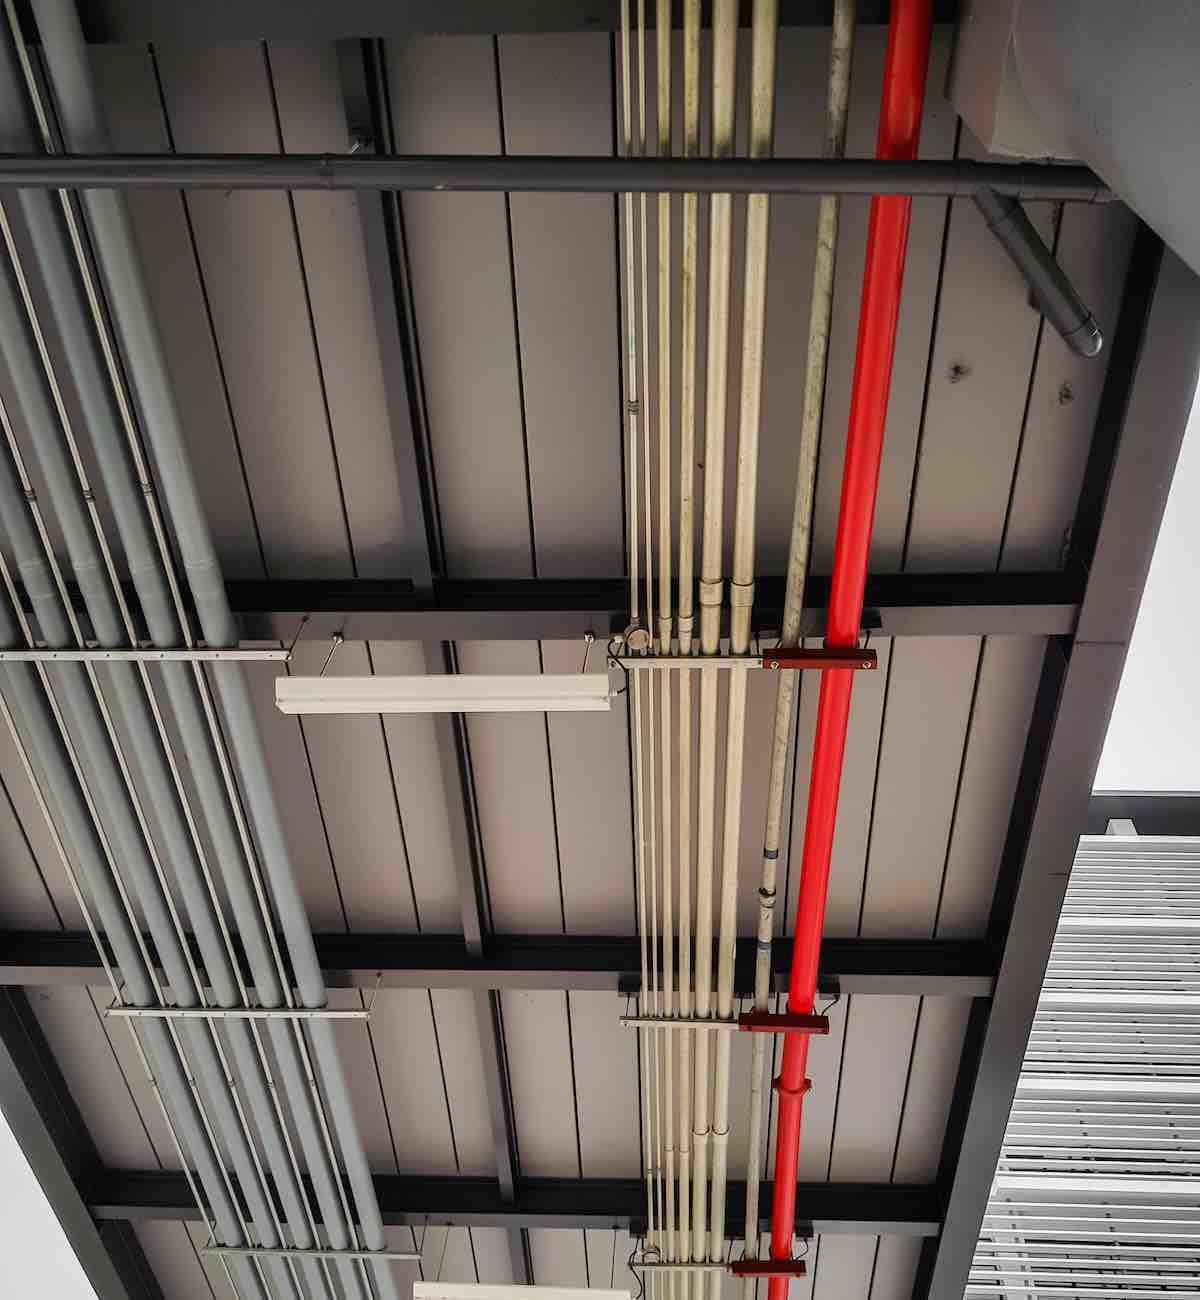 instalación de tuberia eléctrica y de contra incendio